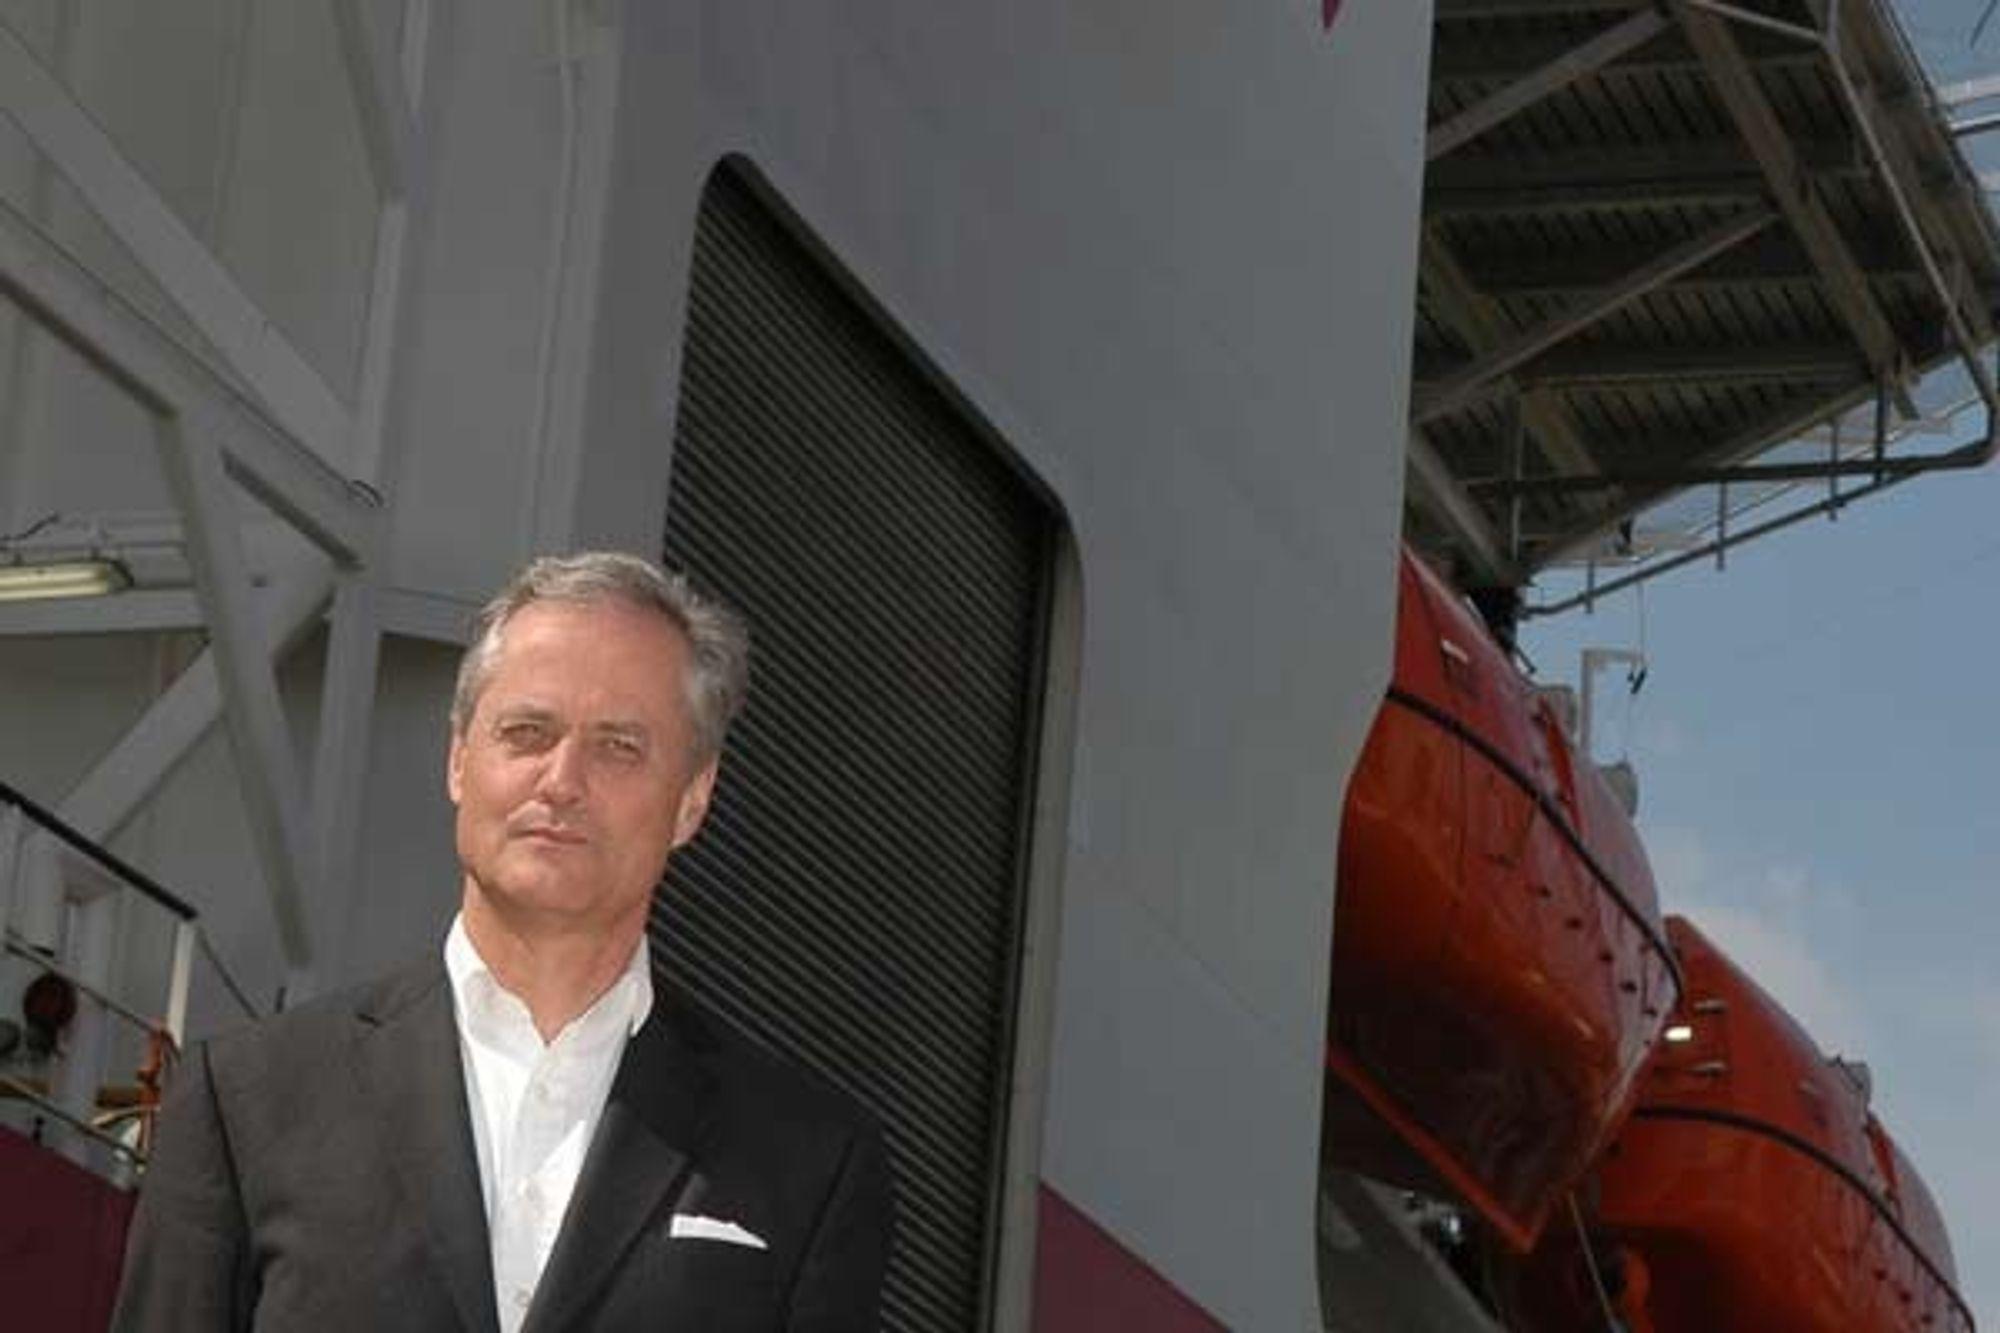 FUSJONERER: Kristian Siems Subsea 7 og Acergy fusjonerer.  - Det fusjonerte selskapet vil være godt posisjonert til å ta store andeler av framtidig vekst i subseamarkedet, sier han.